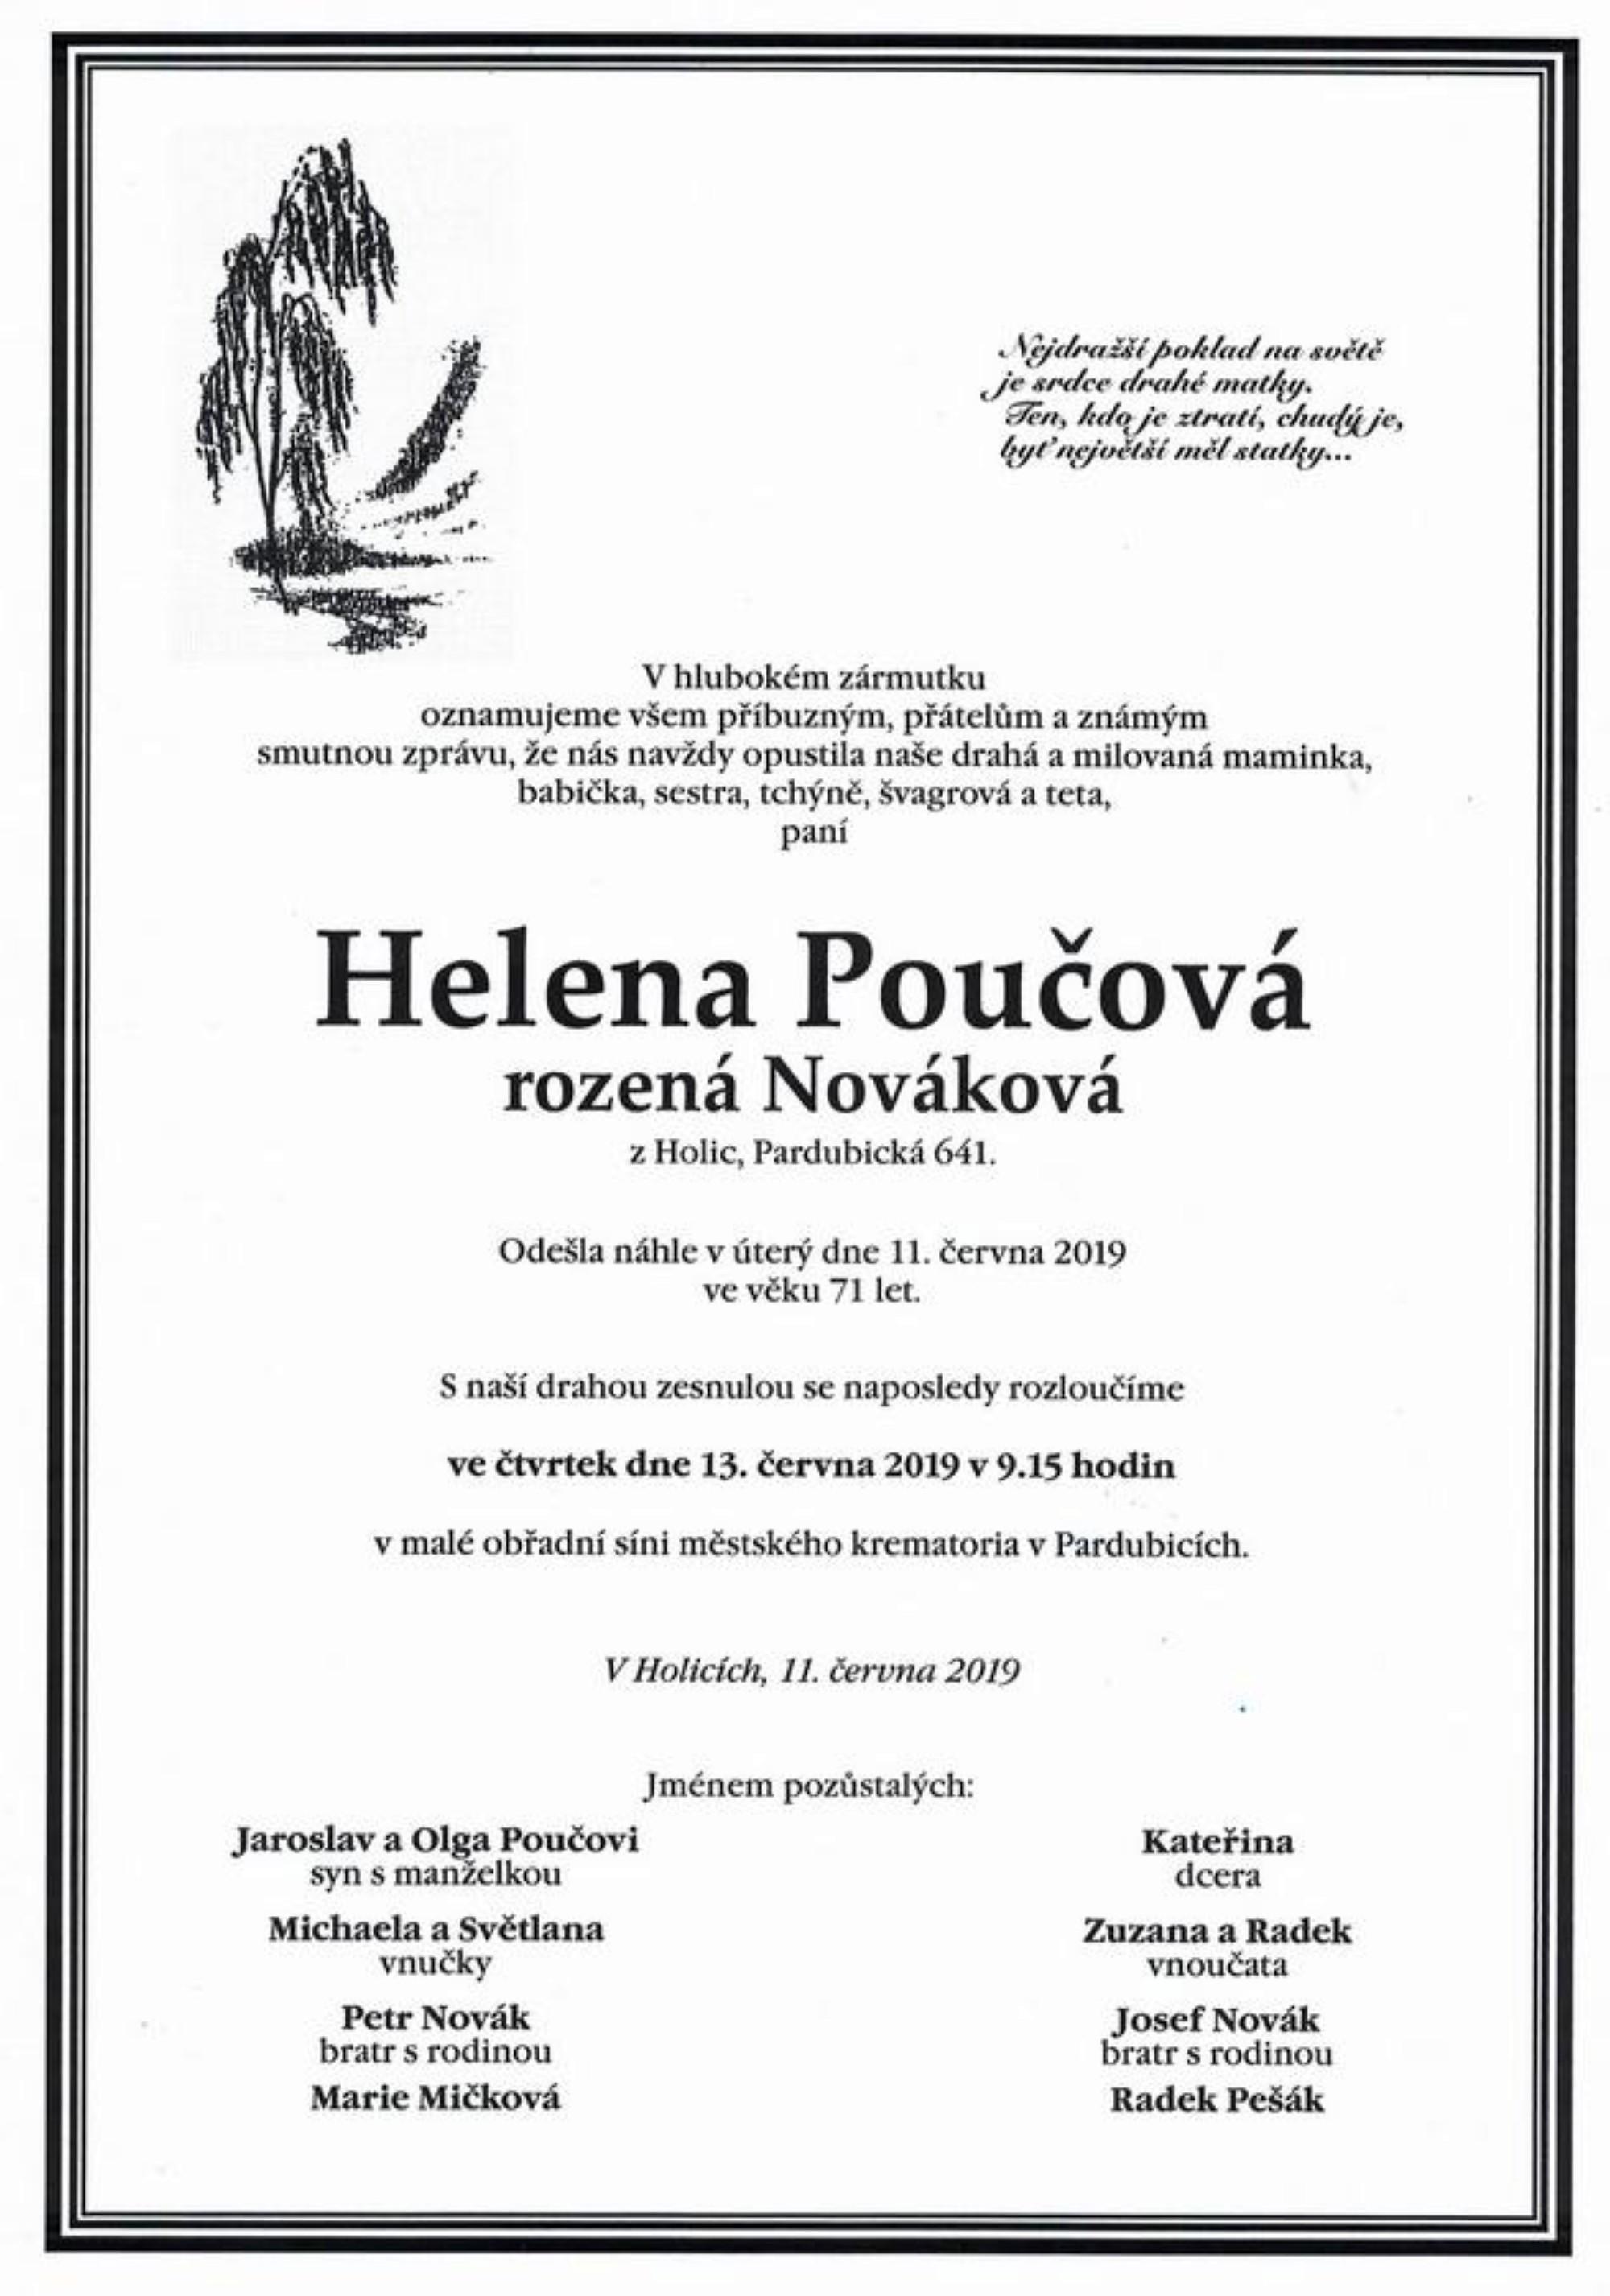 Helena Poučová